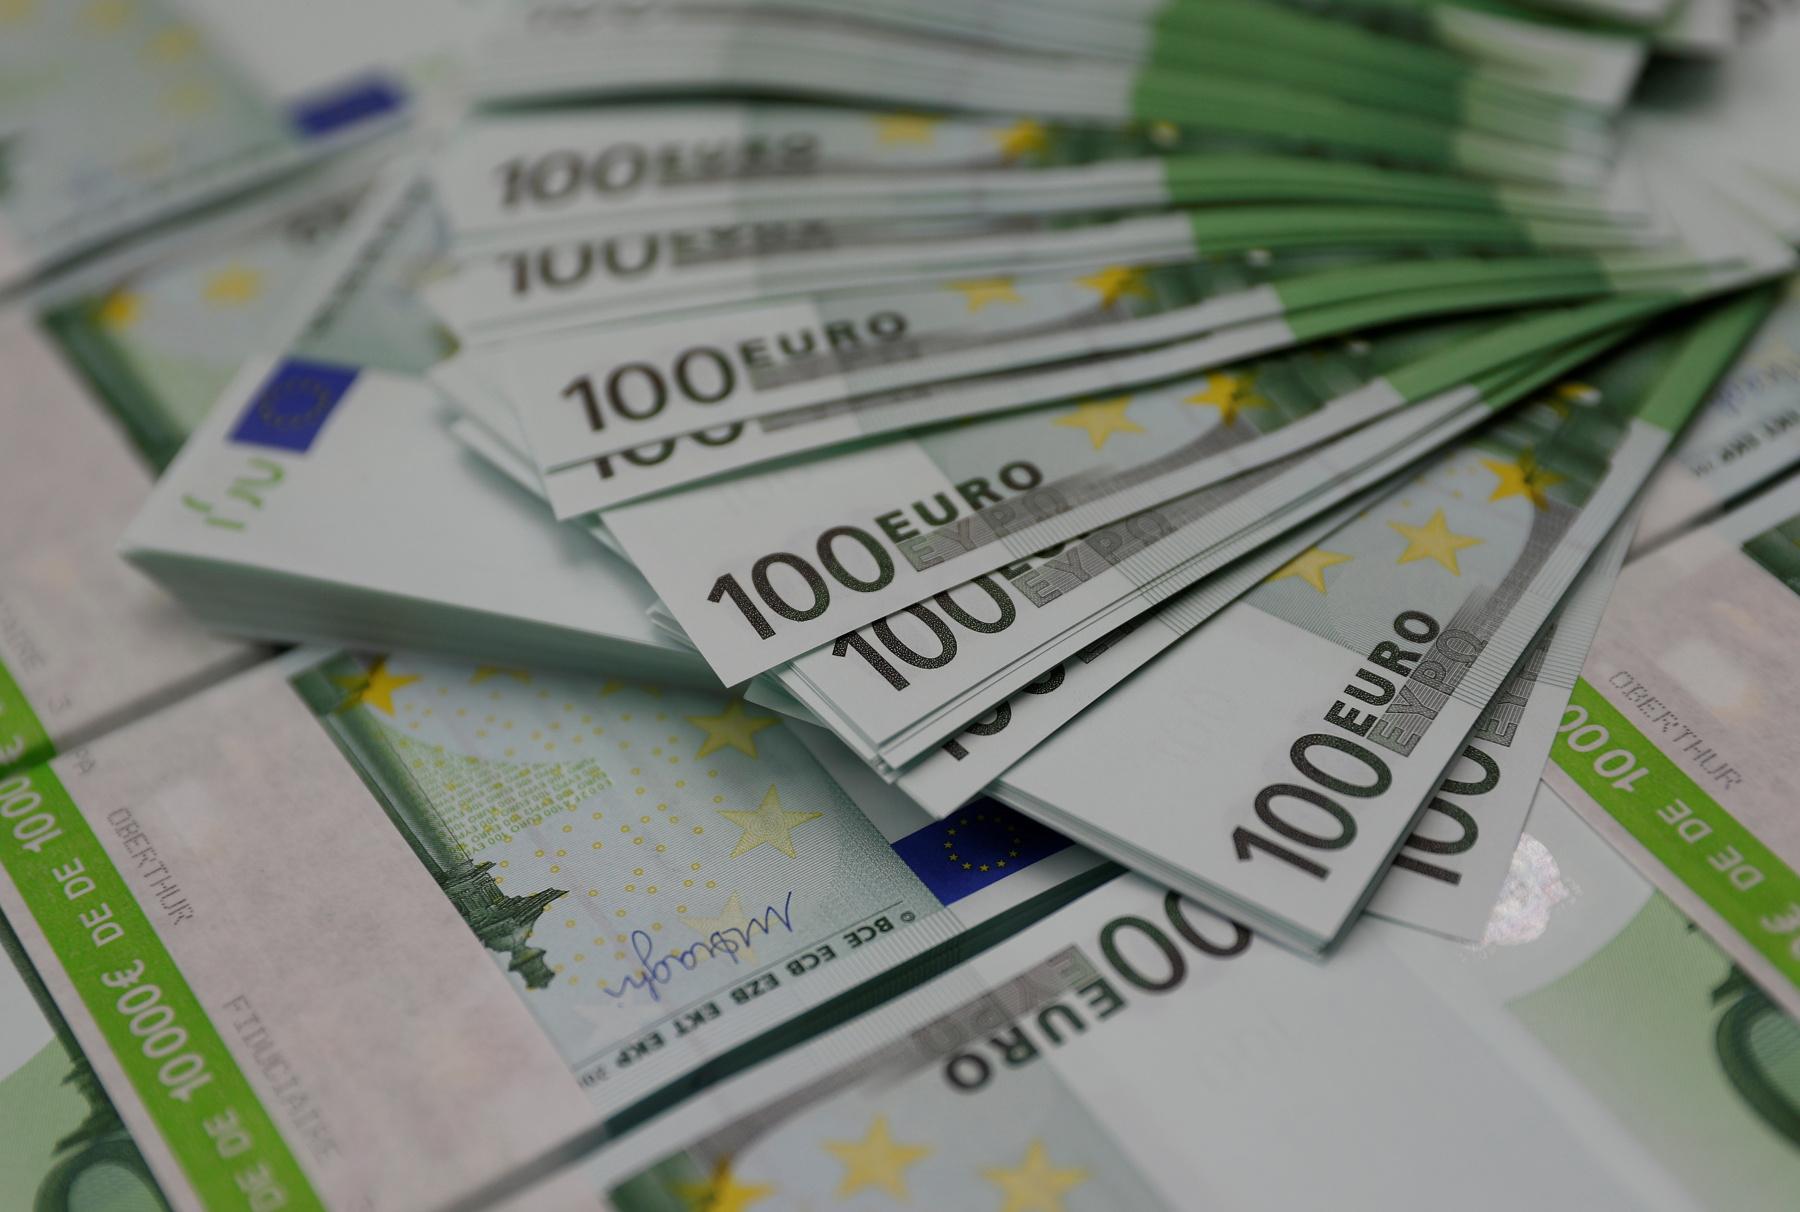 اليورو يتراجع قبل اجتماع المركزي الأوروبي وهبوط الاسترليني